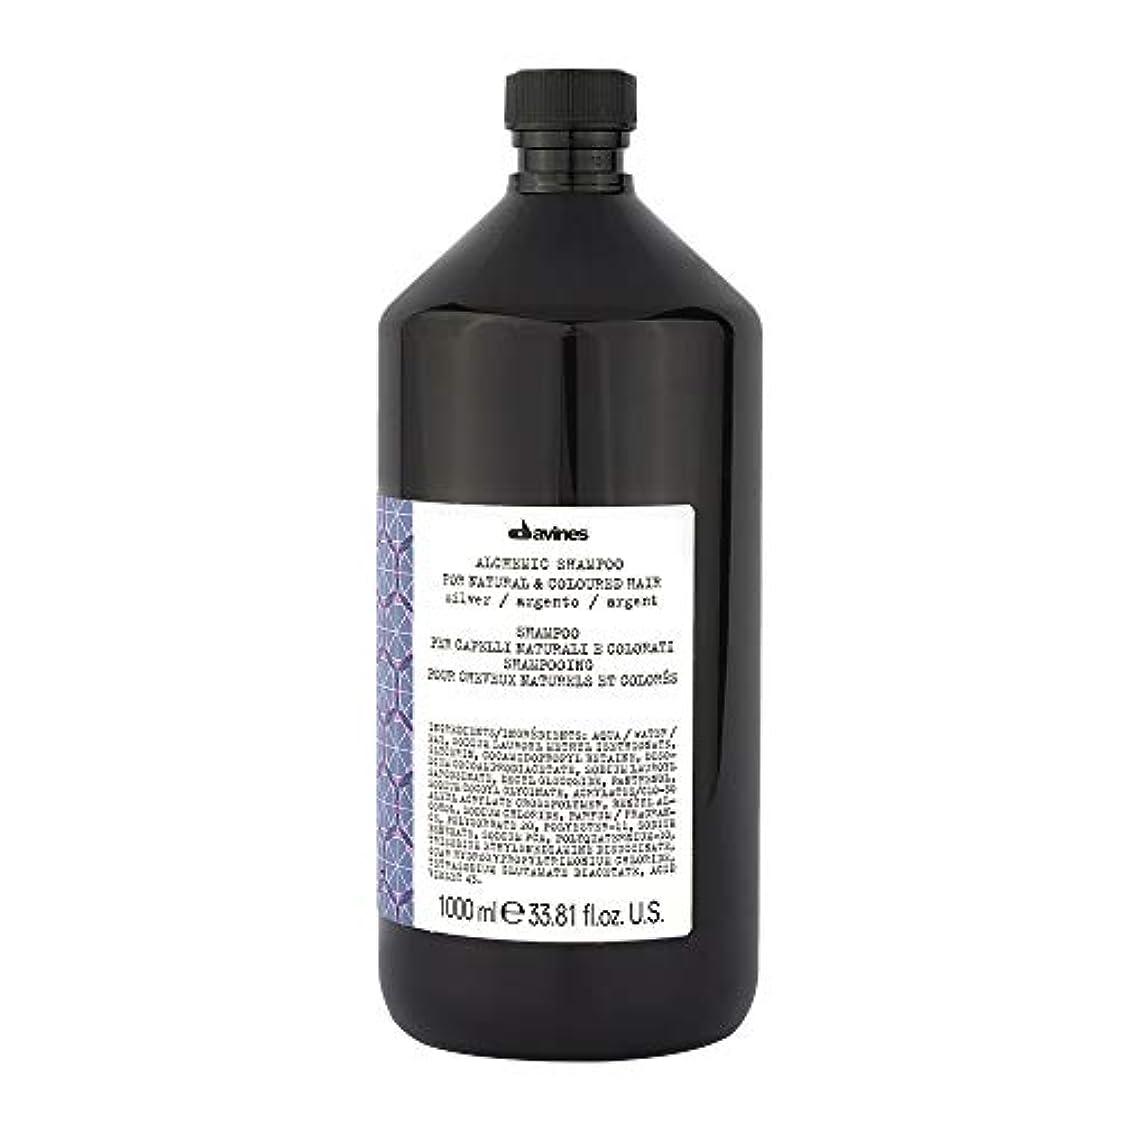 信頼性調和のとれた聴覚ダヴィネス Alchemic Shampoo - # Silver (For Natural & Coloured Hair) 1000ml/33.81oz並行輸入品